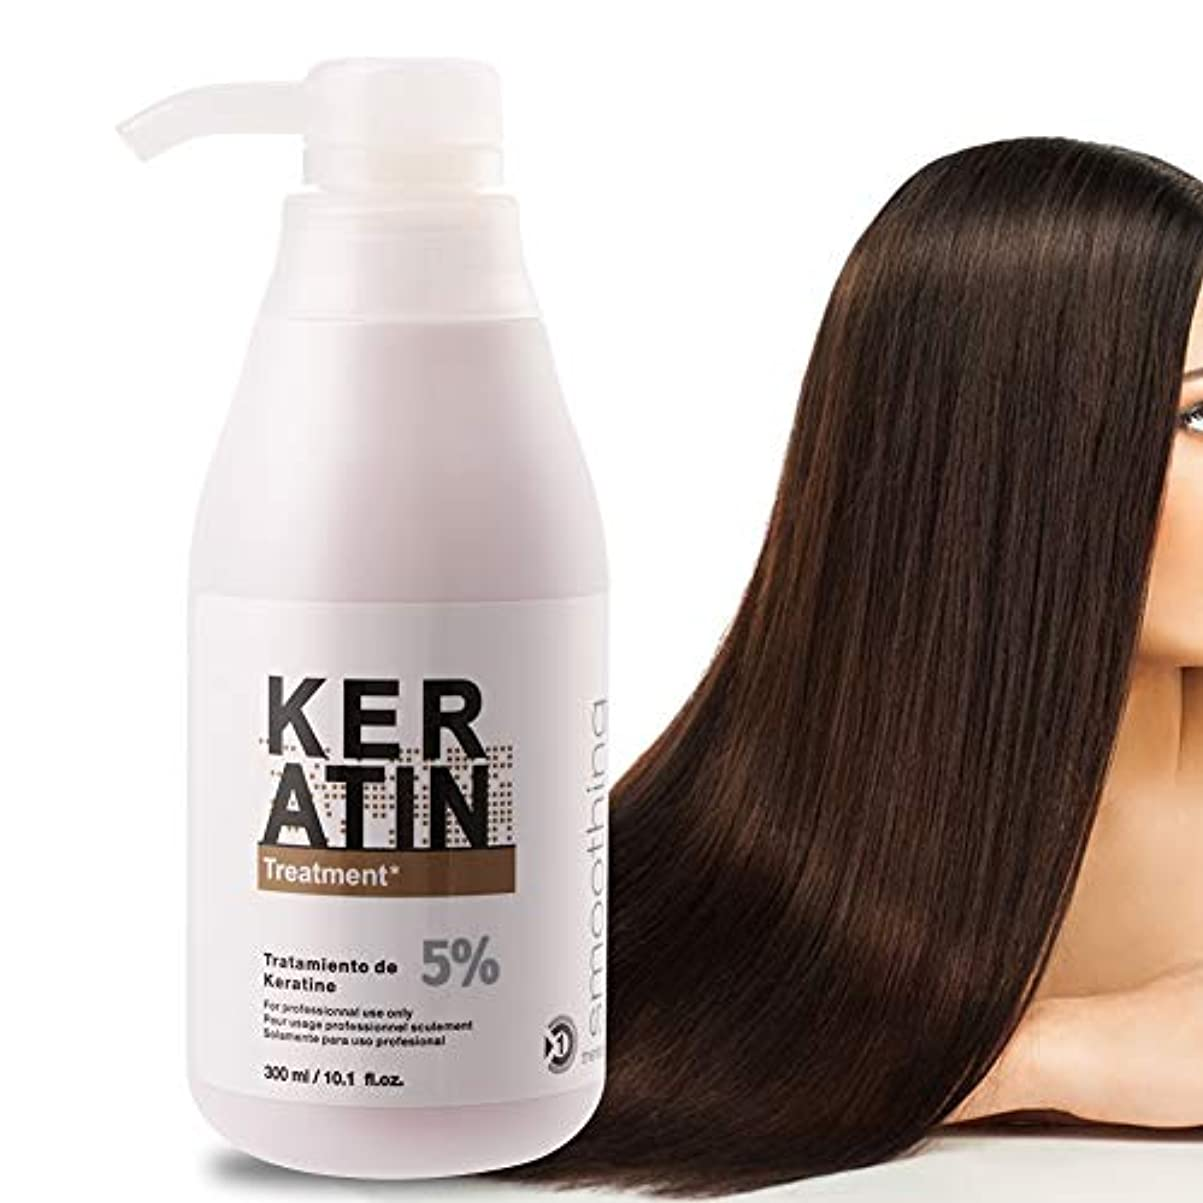 ベリモバイル無法者乾いた、ダメージを受けた、そして化学的に処理された髪のためのケラチンとタンパク質のケラチンヘアマスク、300mlブラジルのケラチンヘアトリートメント